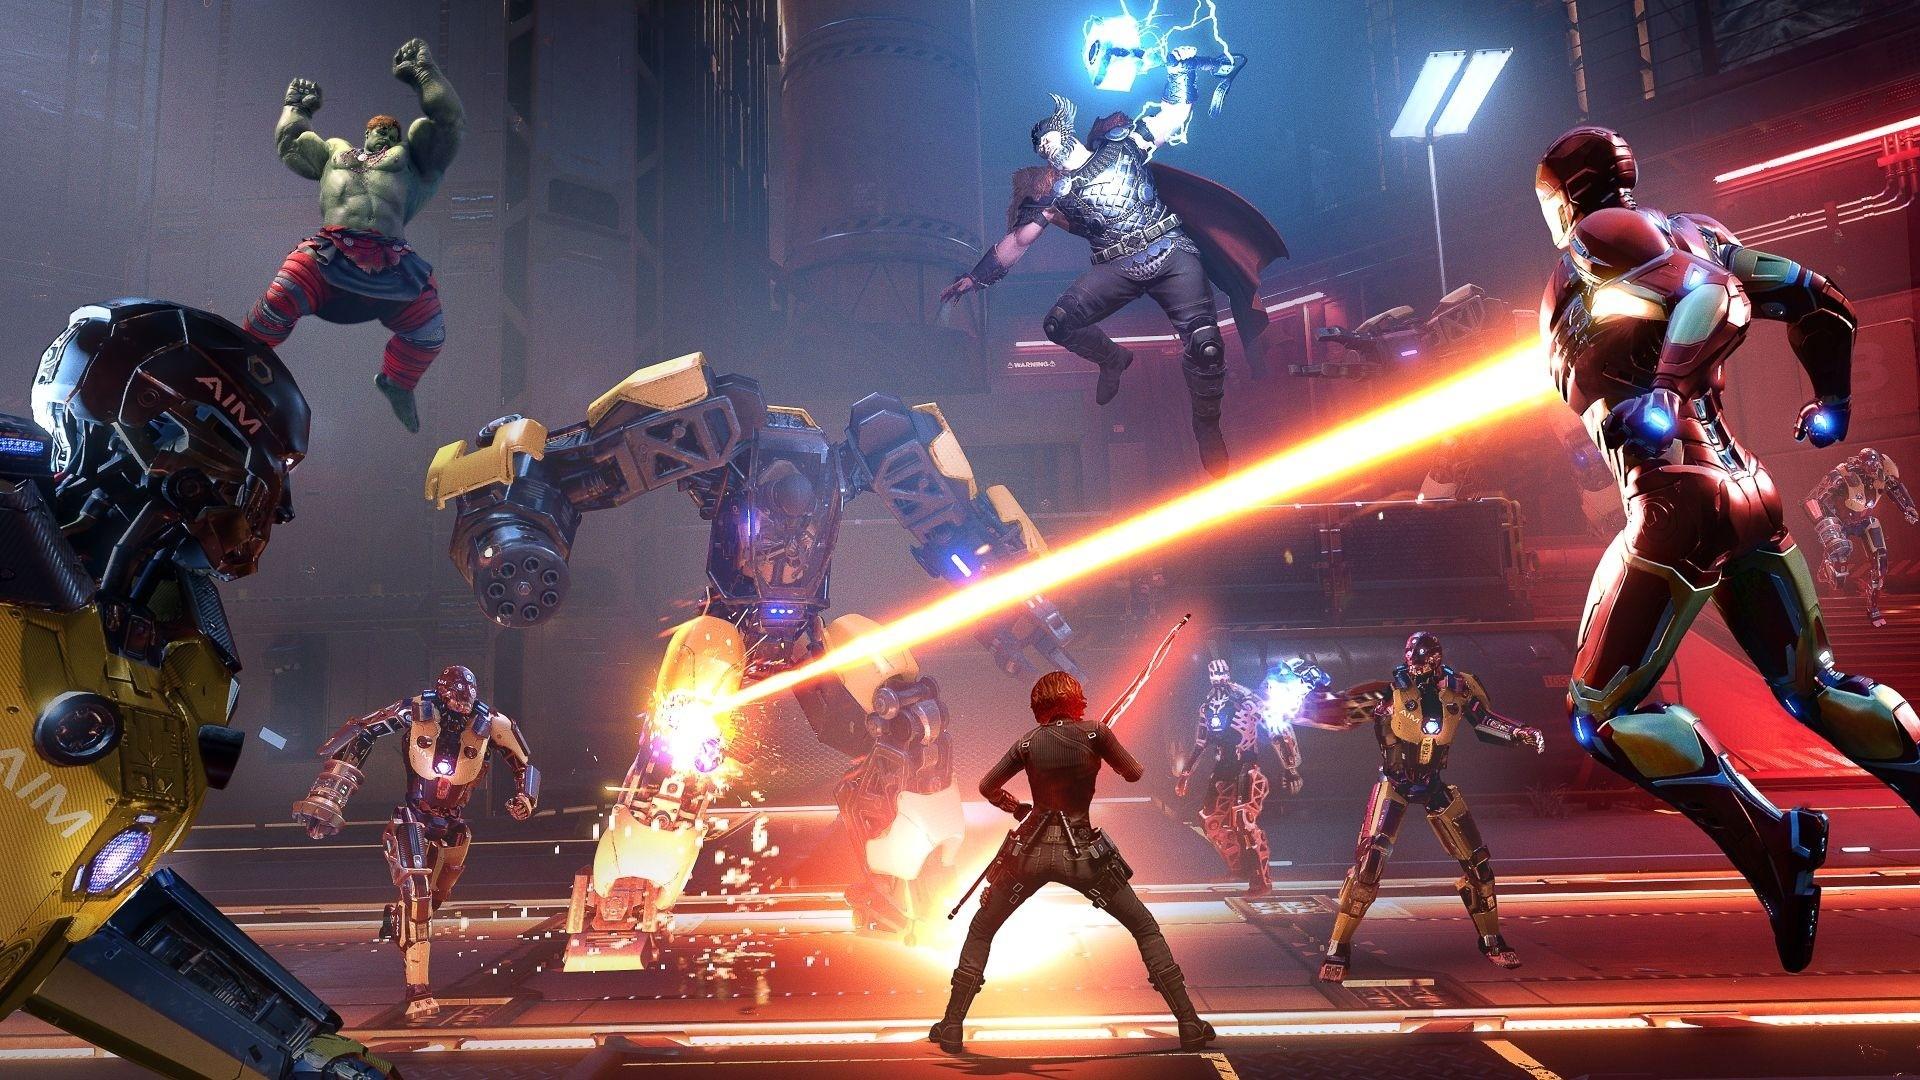 В Marvel's Avengers обнаружили необычный баг. Из-за технической ошибки IP игроков отображается на экране